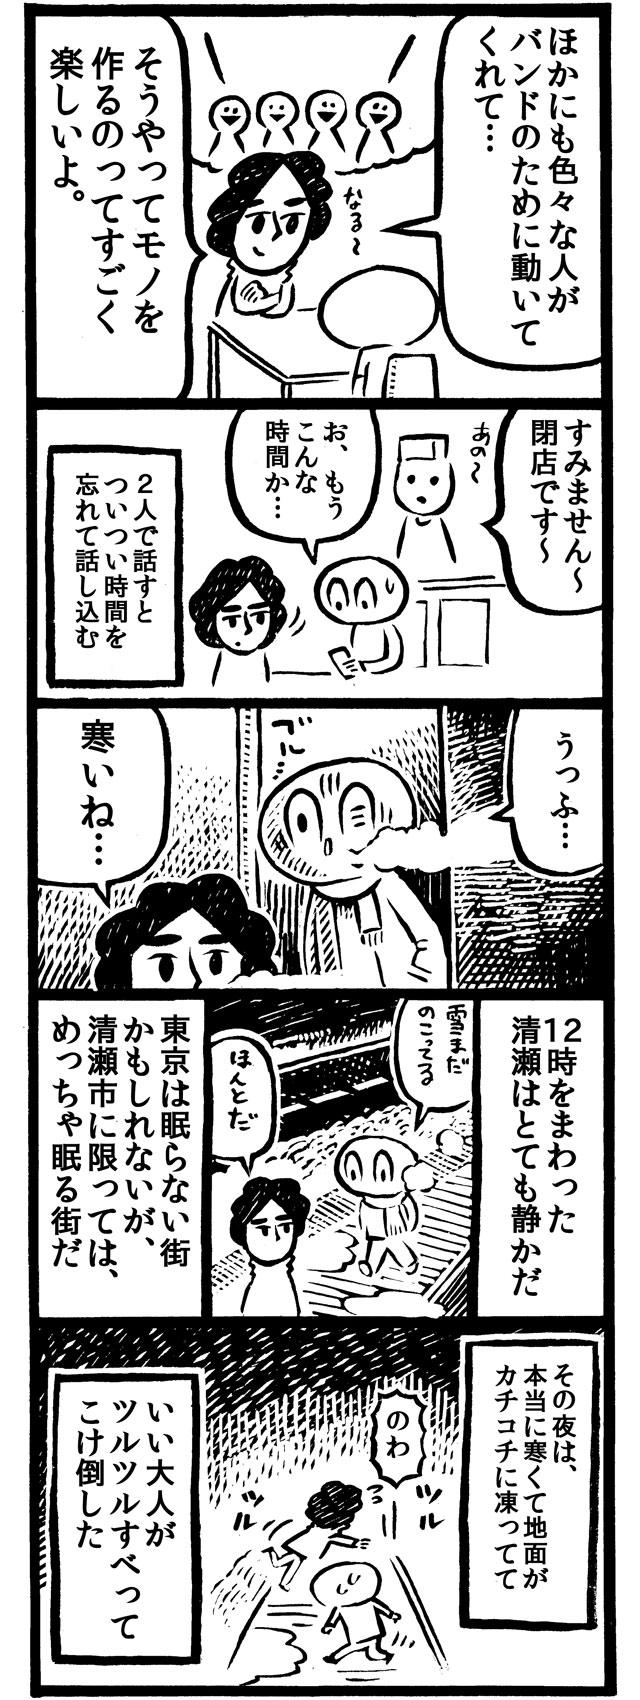 f:id:kakijiro:20160208133348j:plain